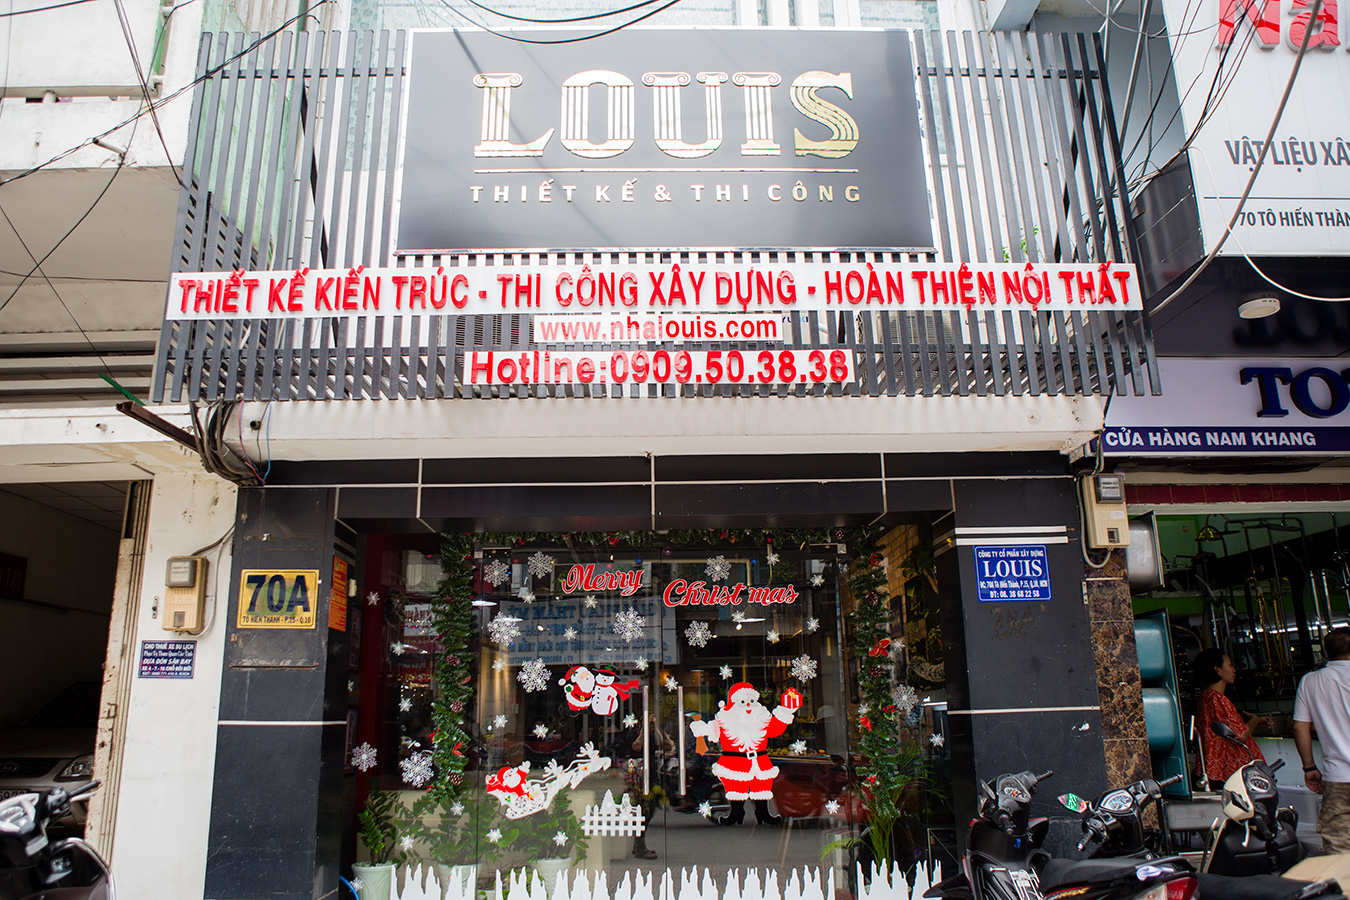 Ngập tràn không khí Noel sớm tại Louis